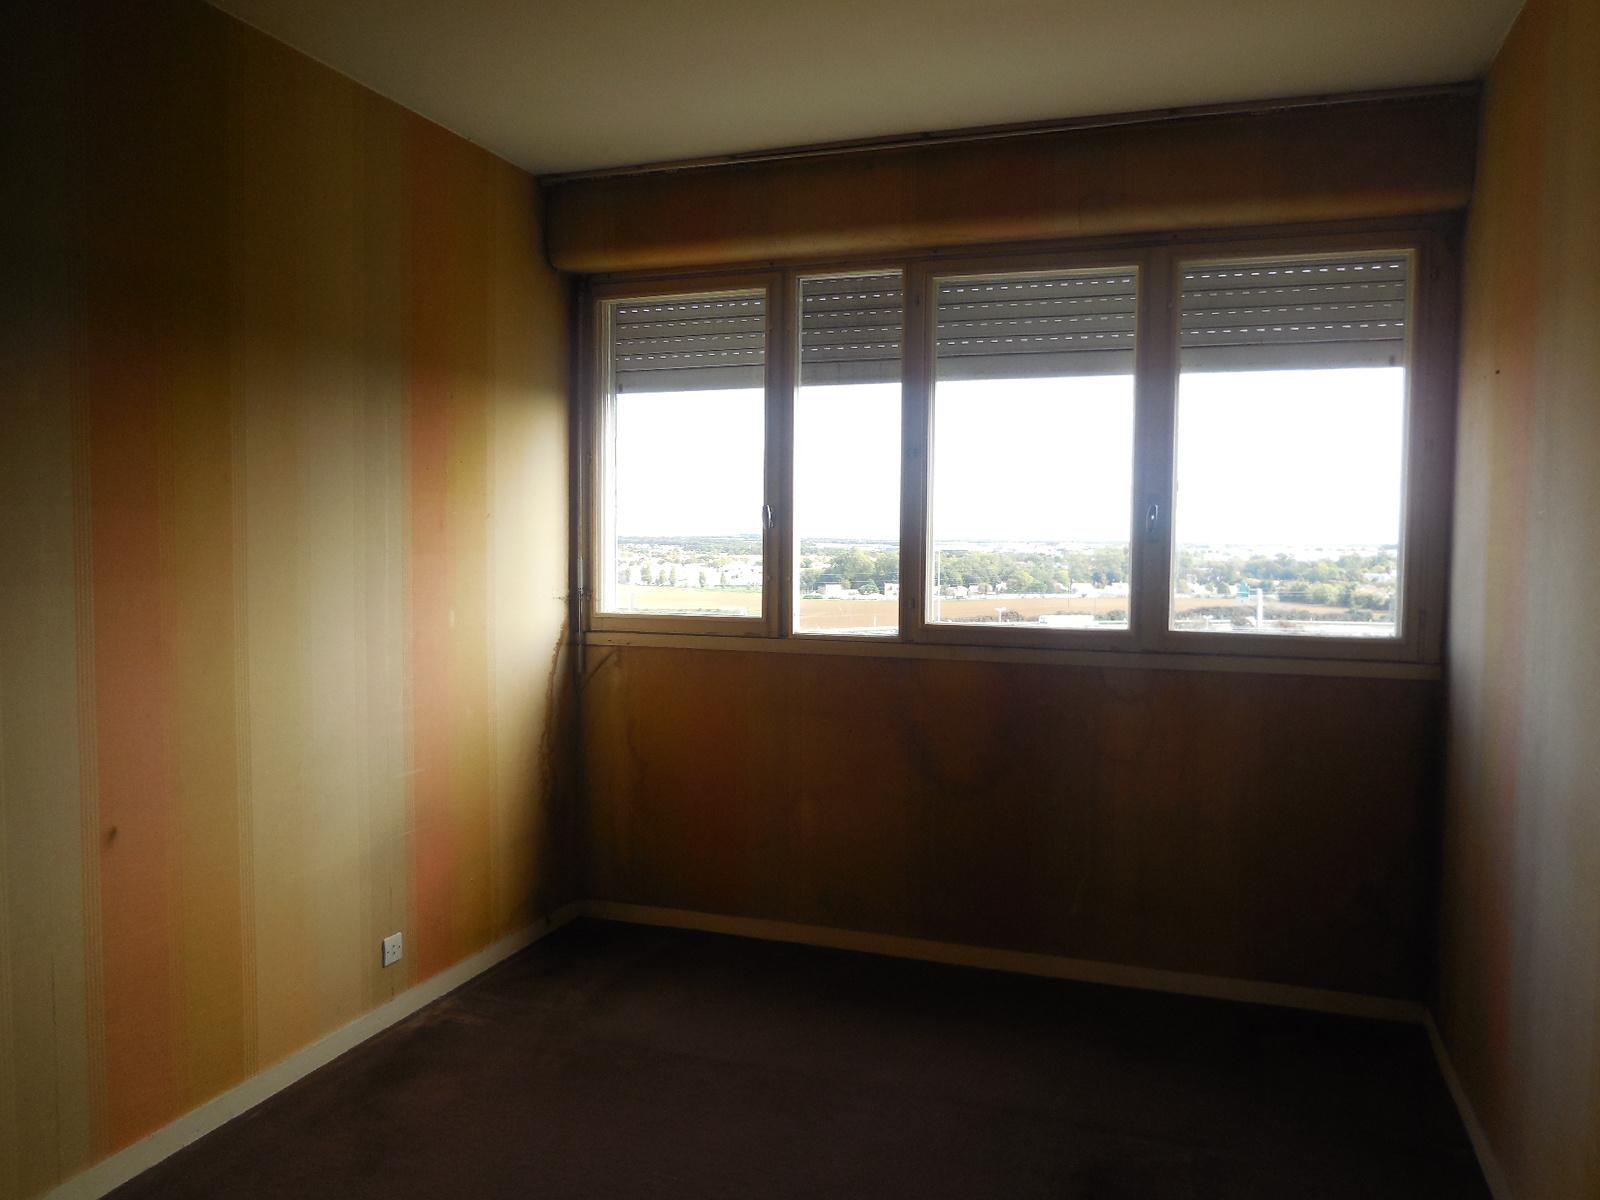 appartement puilboreau LA ROCHELLE - TYPE 5 - DERNIER ETAGE - VUE DEGAGEE